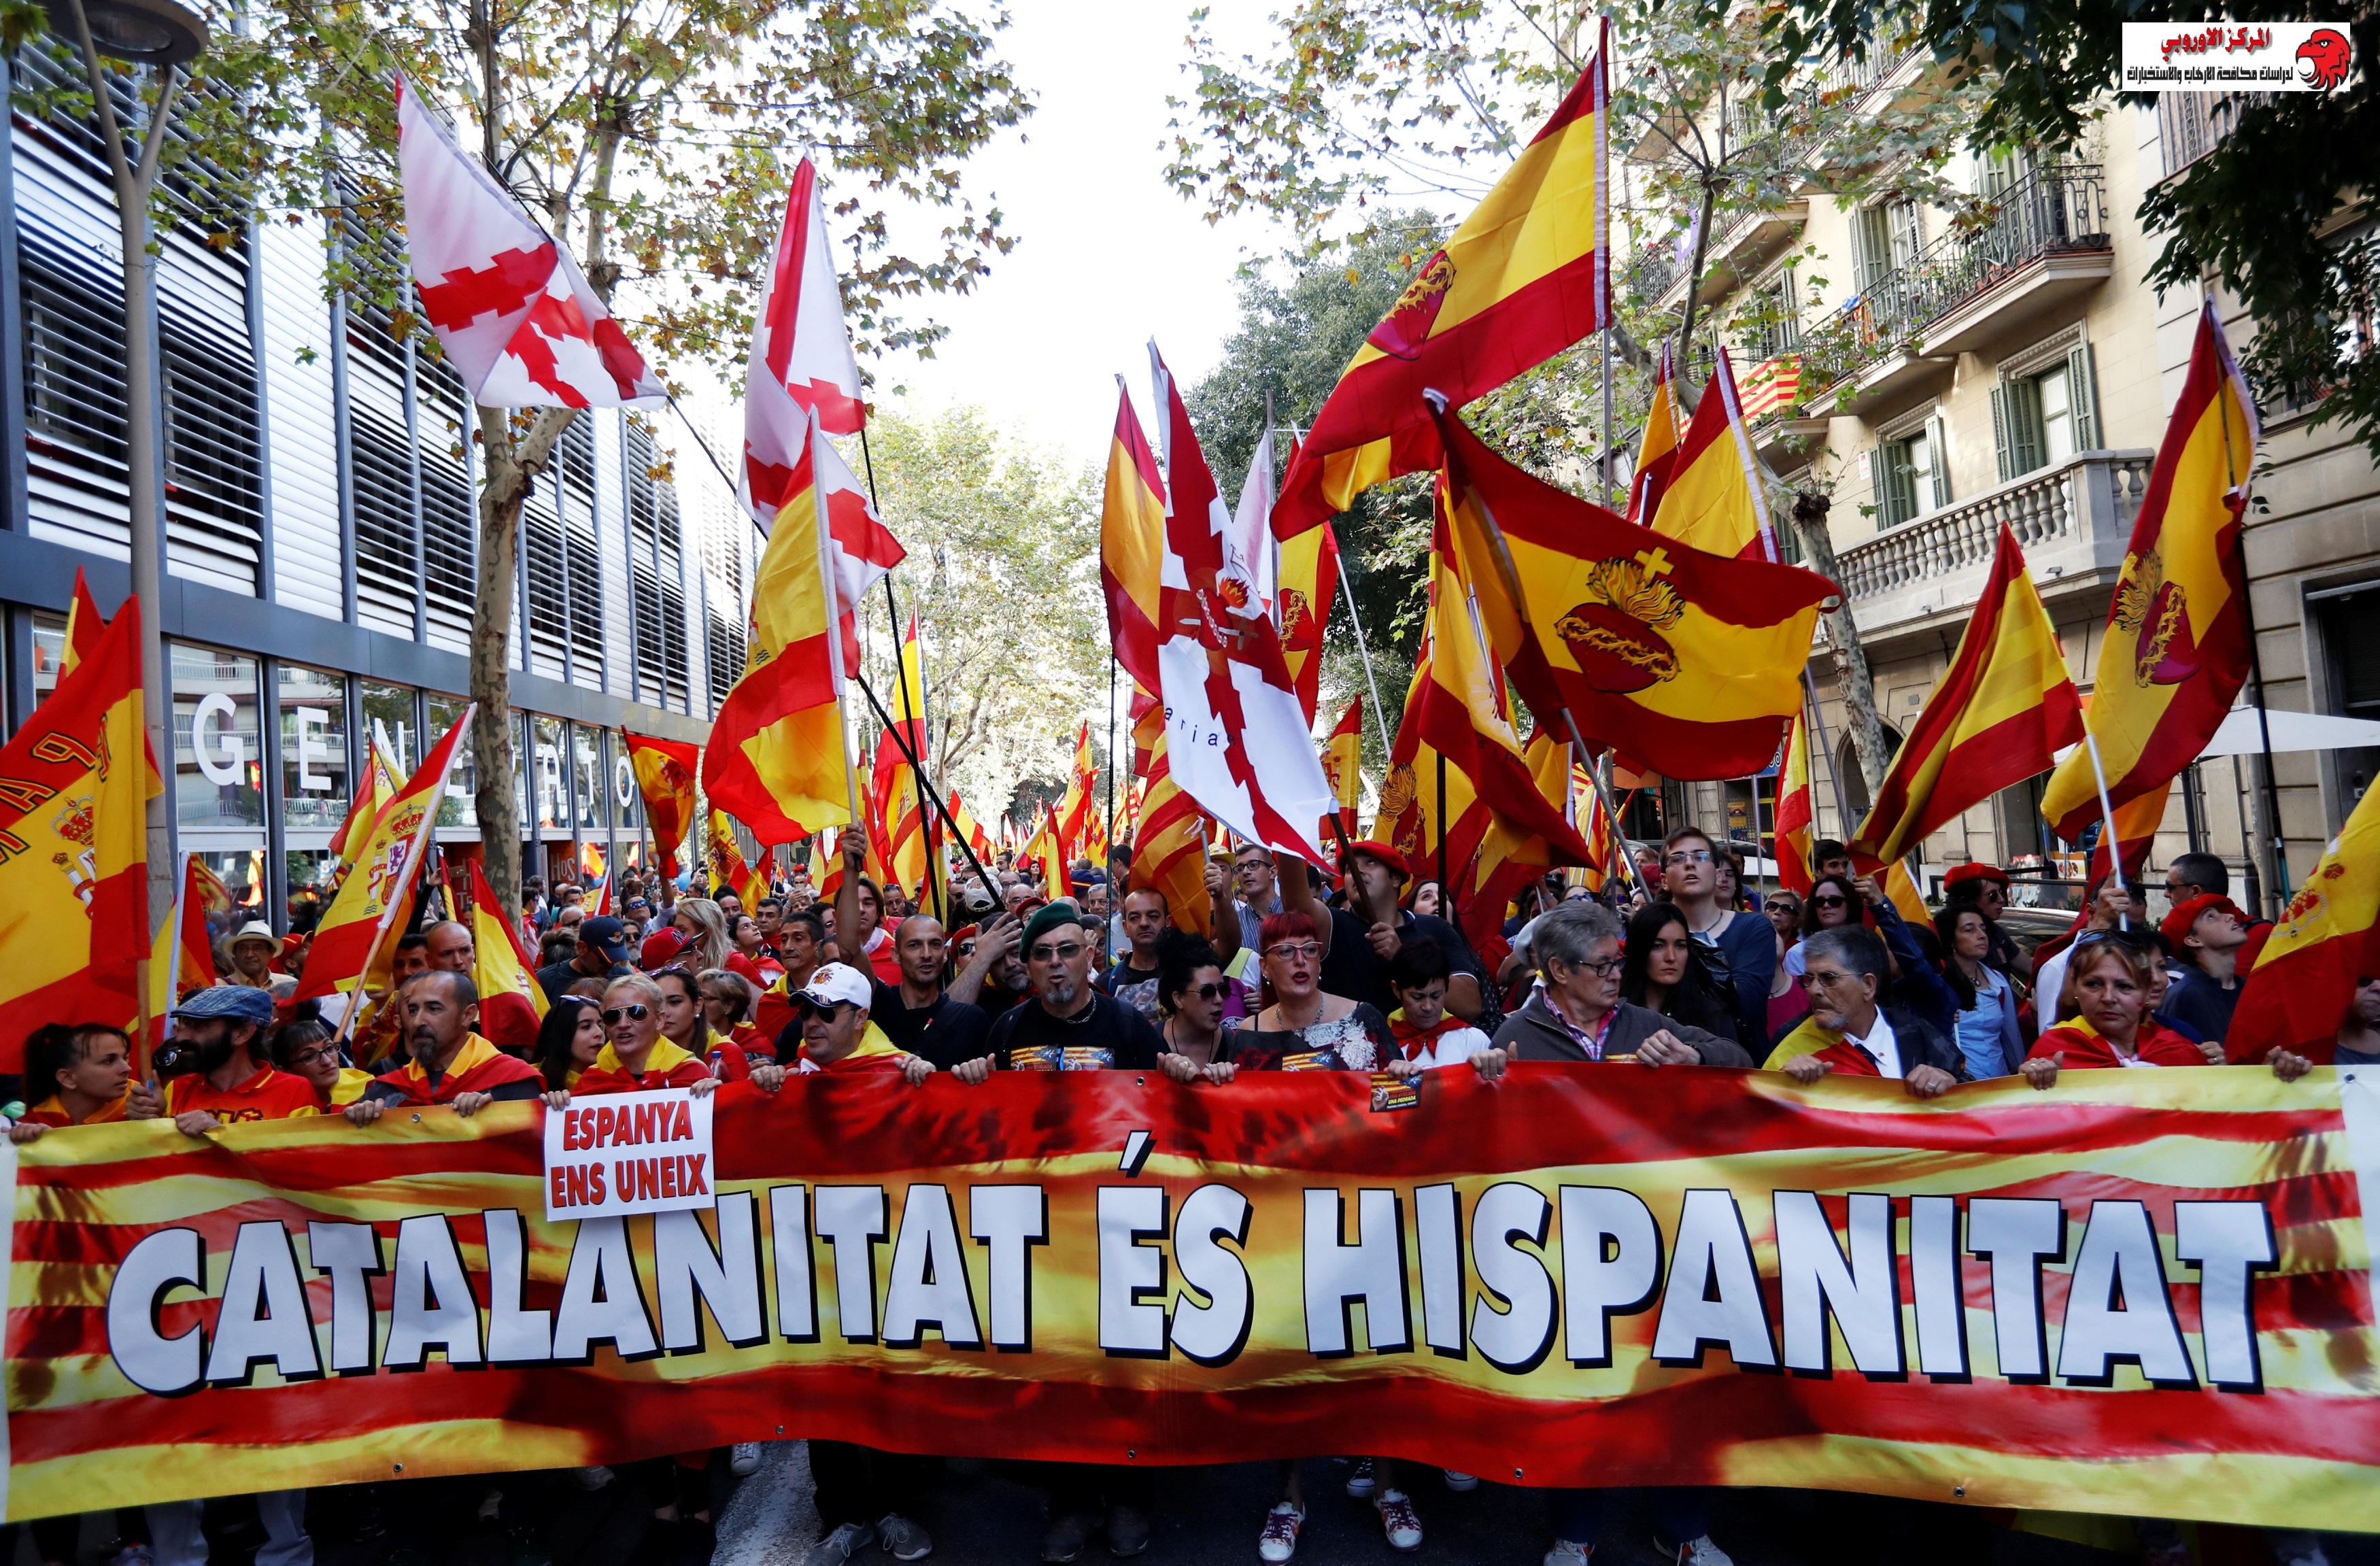 ماهو سر مخاوف الأتحاد الأوروبي تجاه دعوة اقليم كاتلونيا للأنفصال ؟